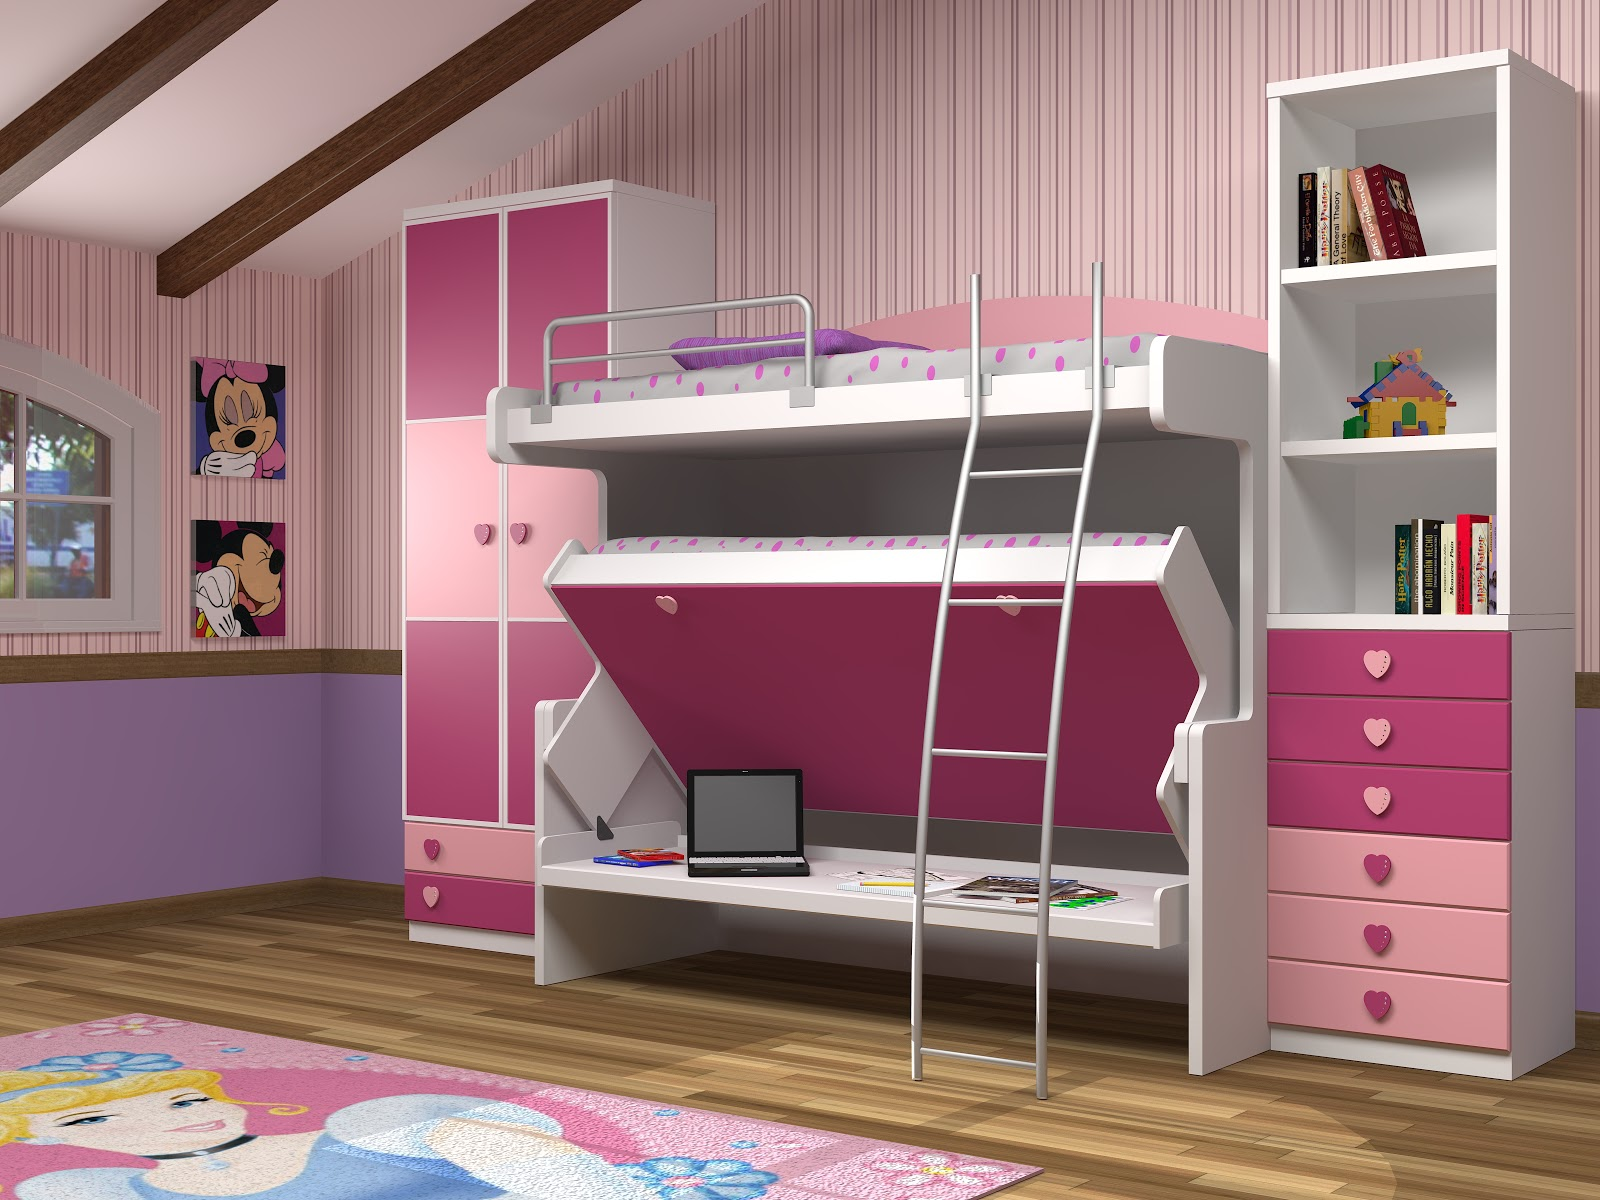 Muebles juveniles dormitorios infantiles y habitaciones for Habitaciones juveniles completas baratas